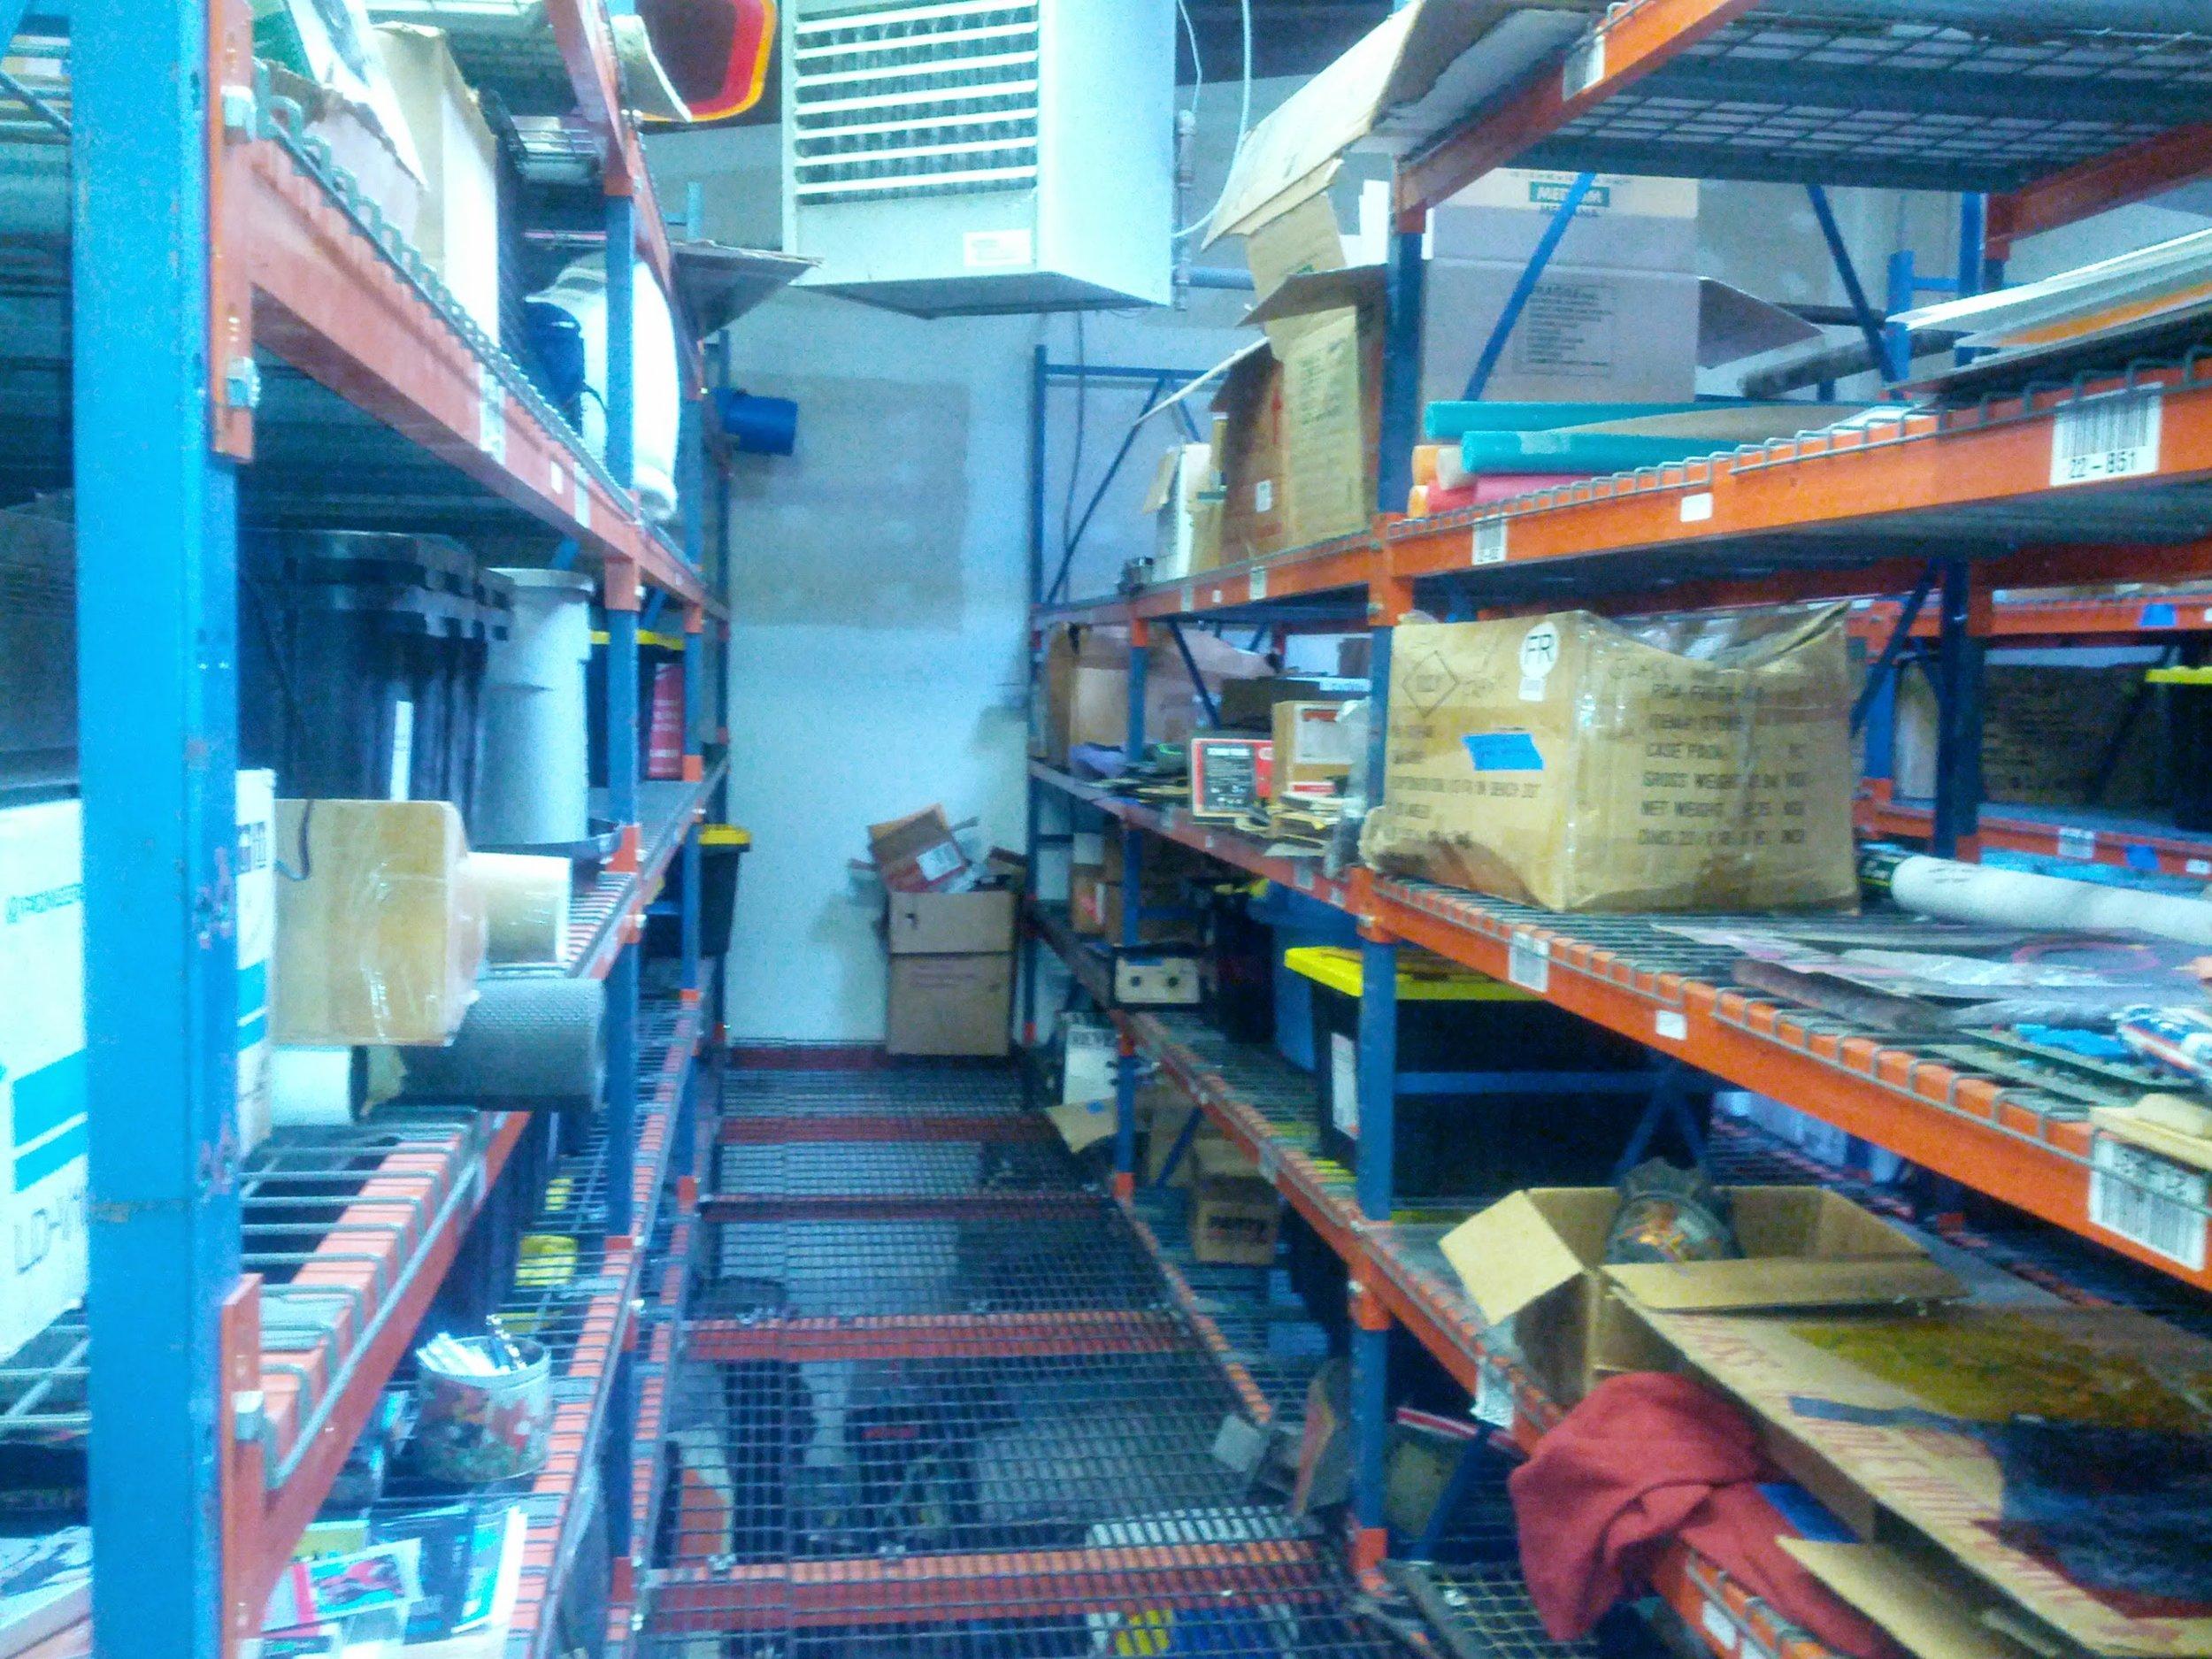 Older warehouse, pre-forklift